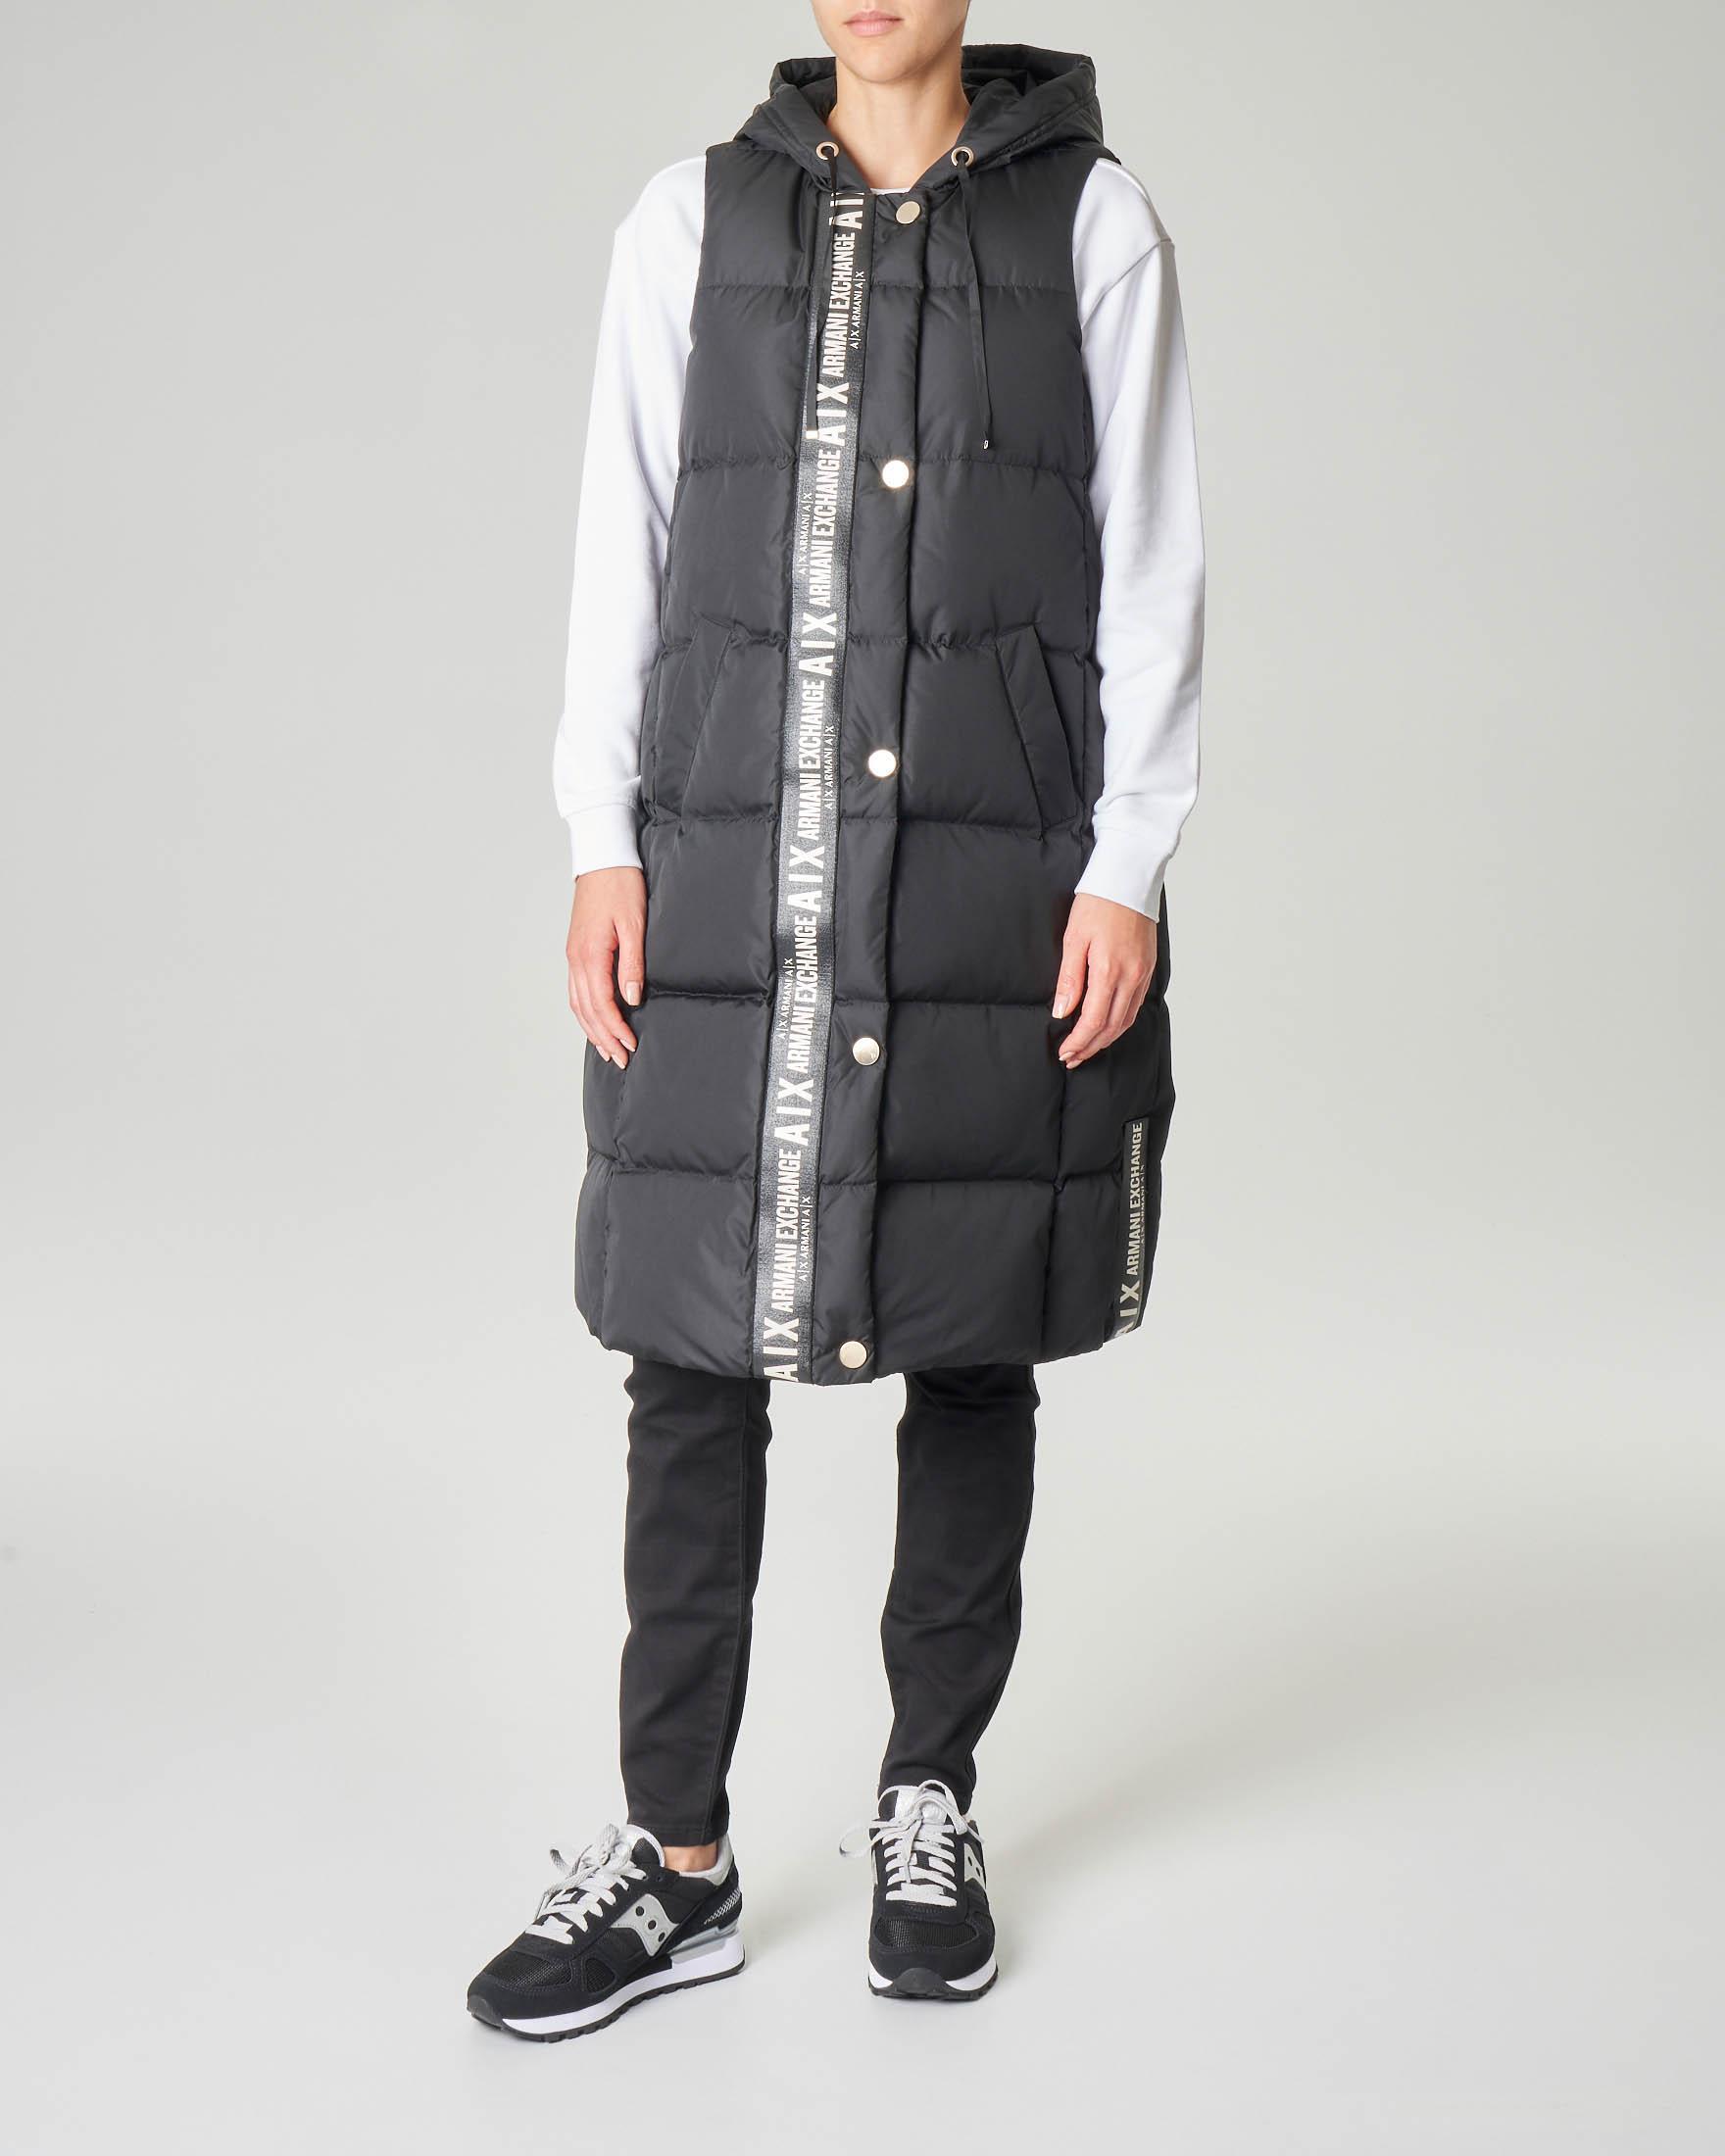 Maxi piumino nero a gilet con cappuccio e banda a contrasto con logo